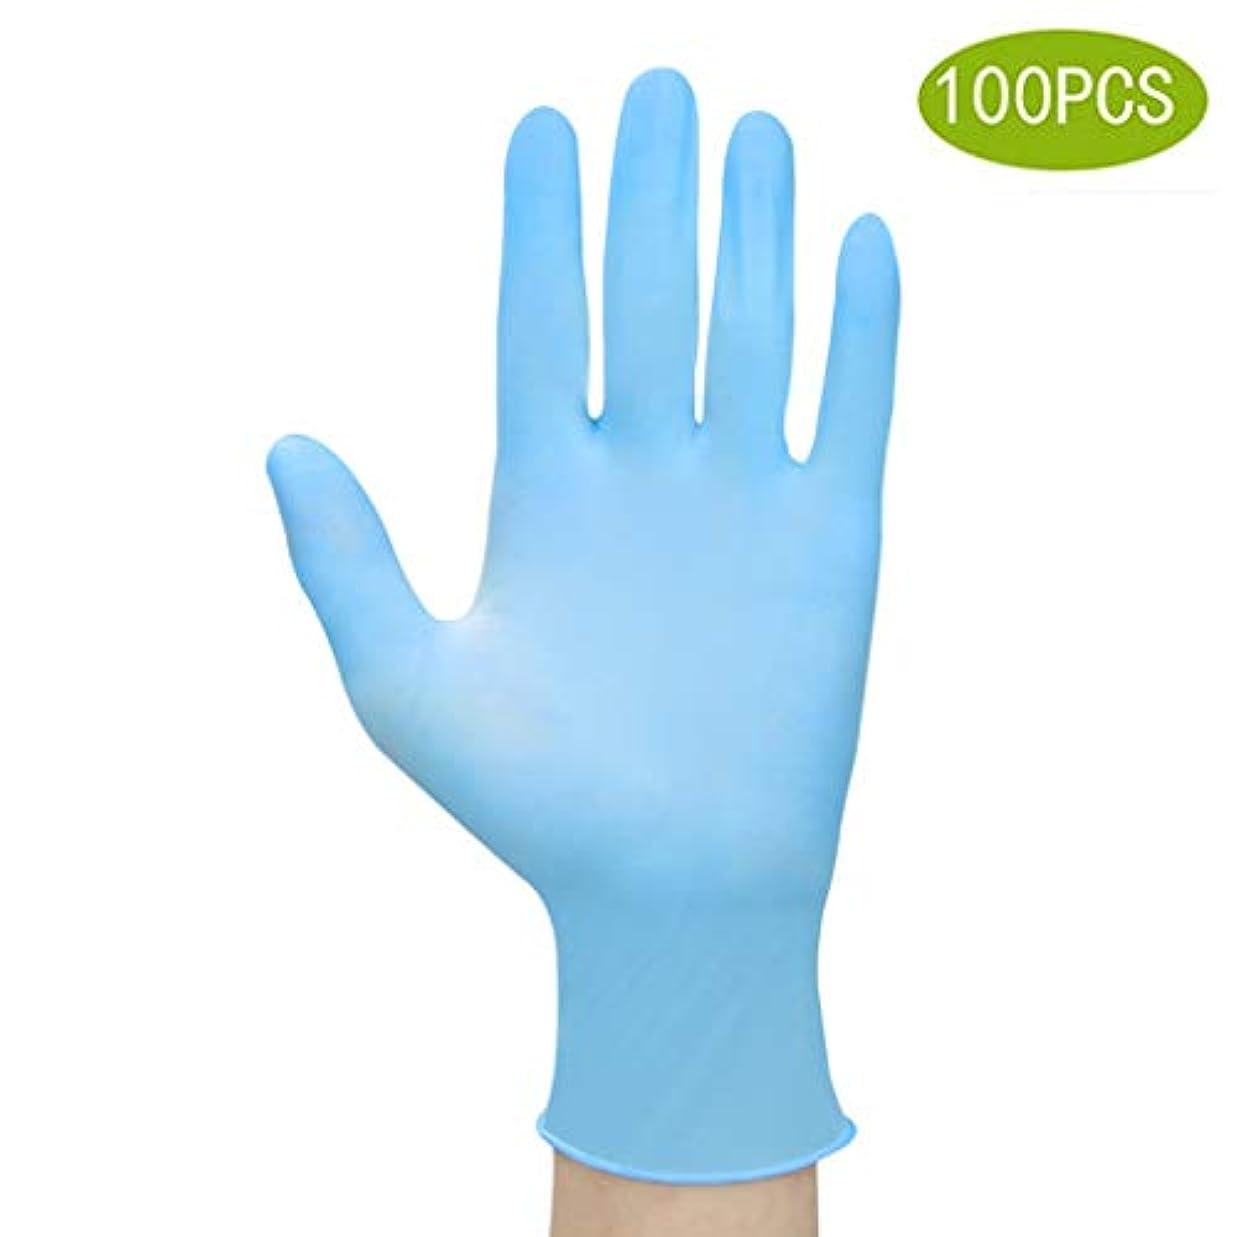 物足りない提案するおしゃれな応急処置用品クリーンルーム、クラスニトリル手袋、長さ12